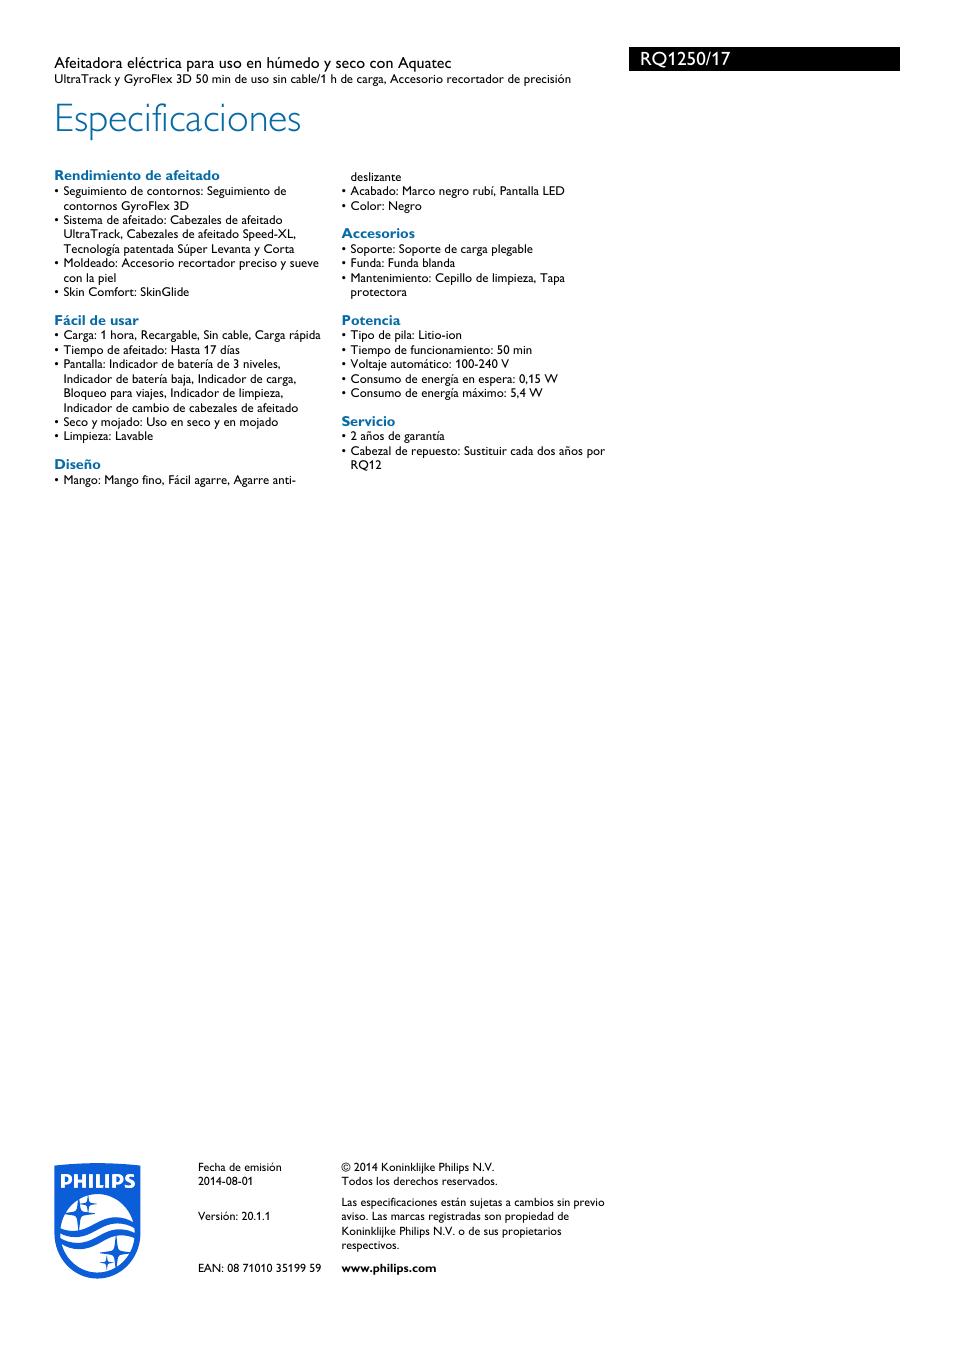 Especificaciones  3f787f2f1a9c